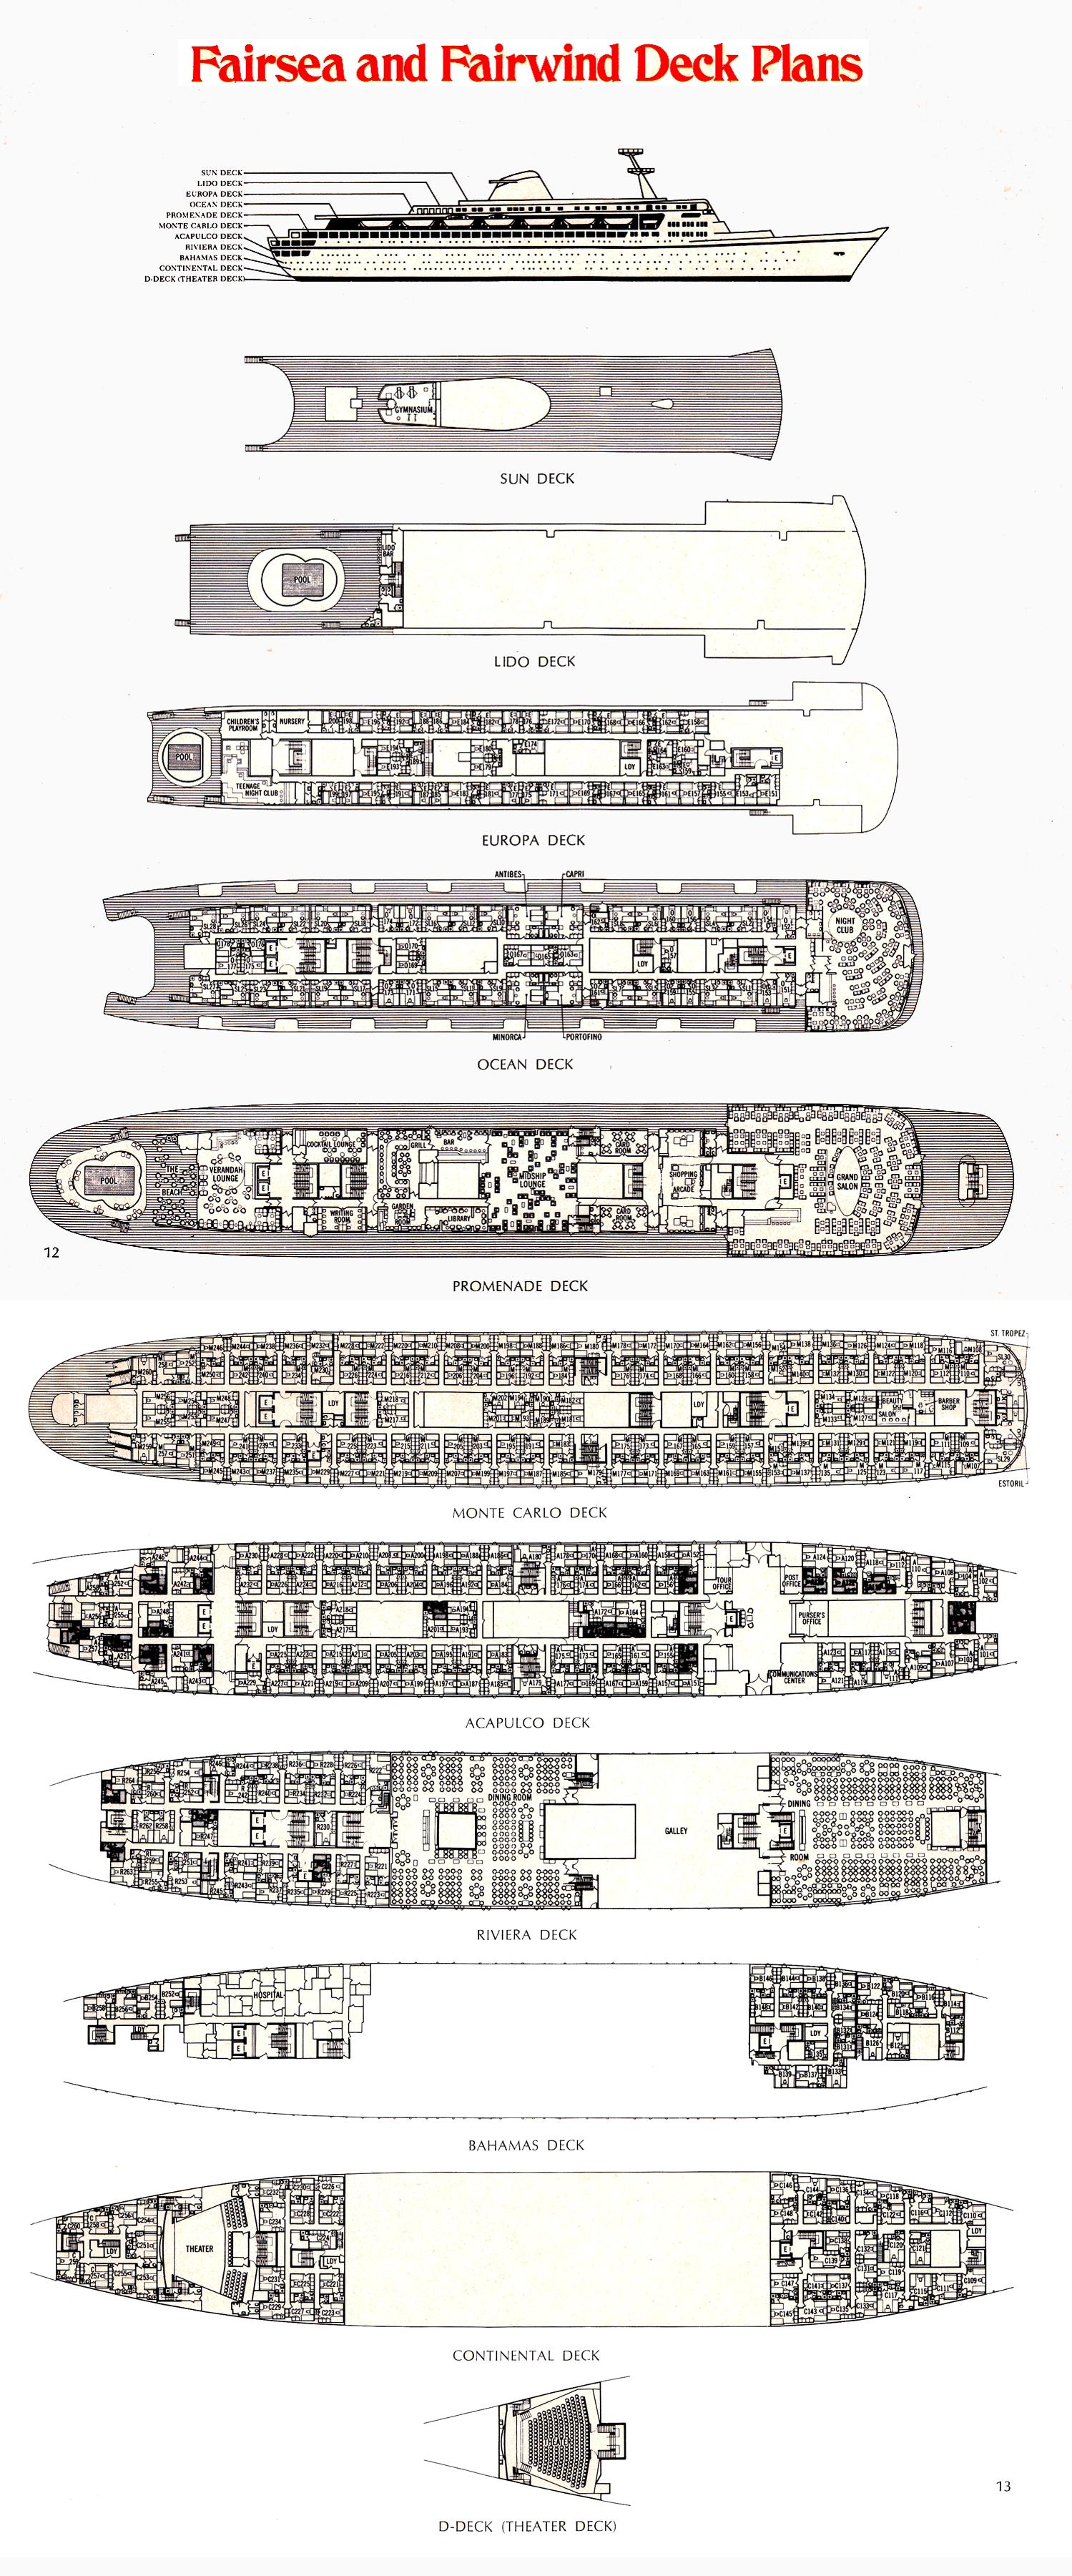 Sitrmar cruises tss fairsea fairwind of 1971 72 deck plans baanklon Gallery